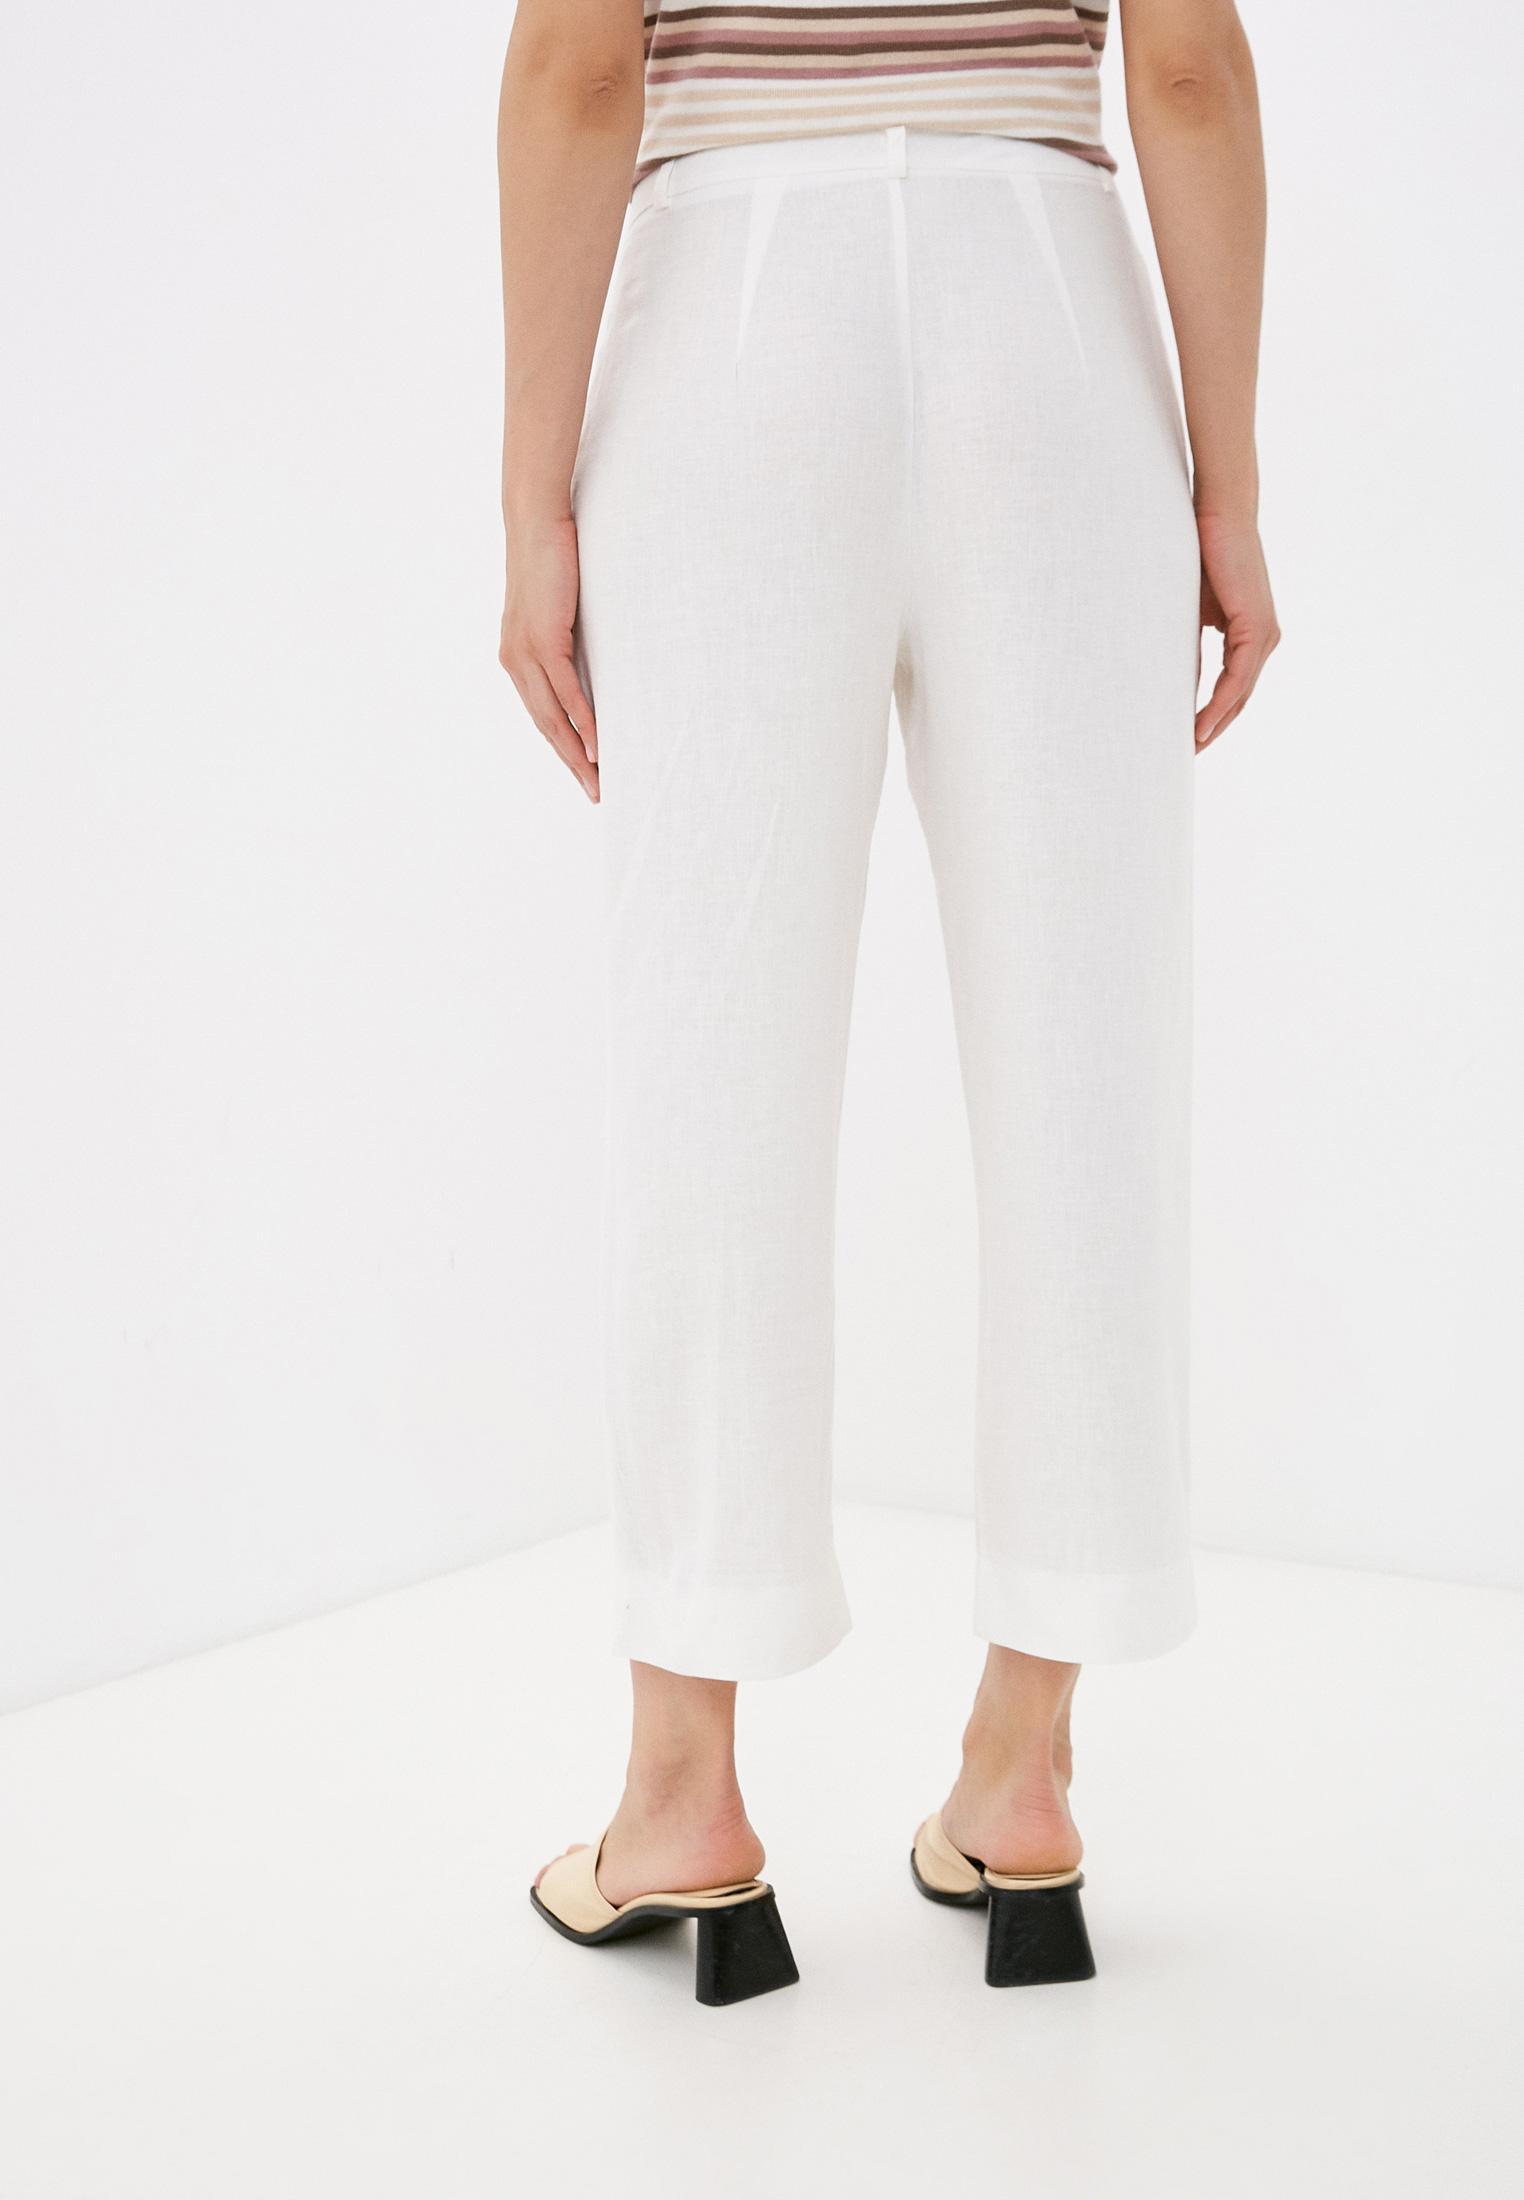 Женские прямые брюки Nataliy Beate Брюки мод.547: изображение 3